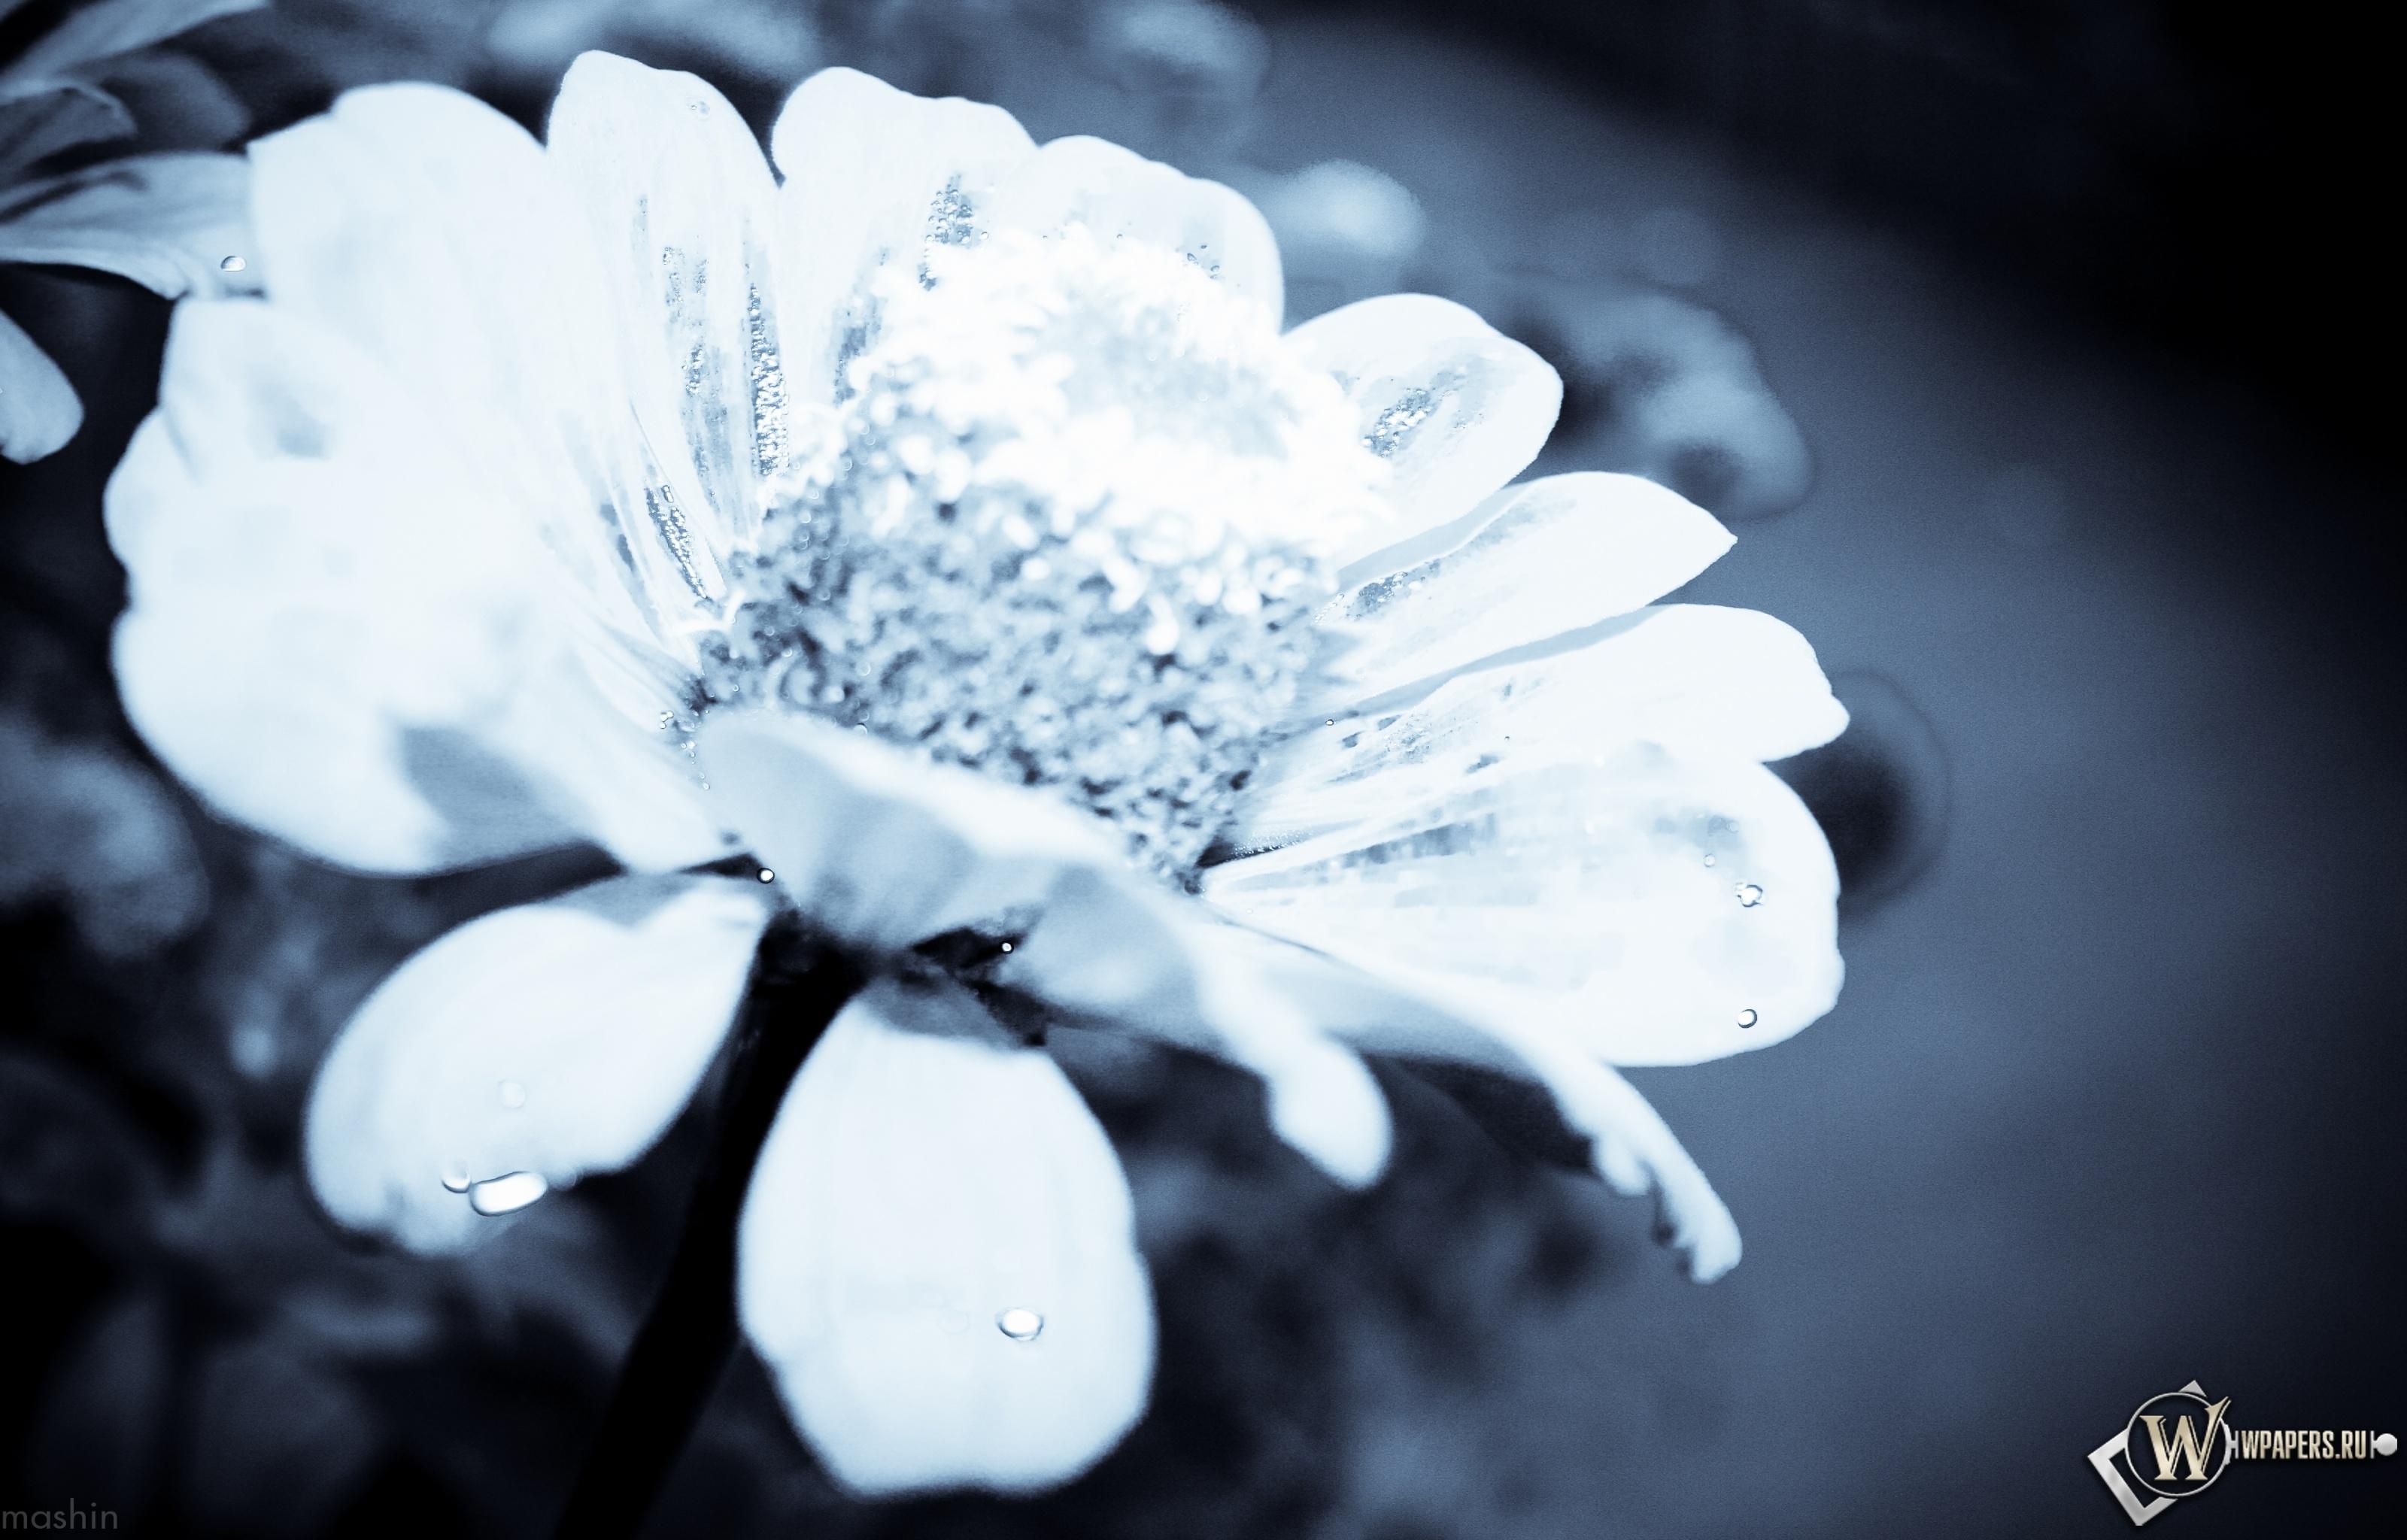 Цветок после дождя 3200x2048